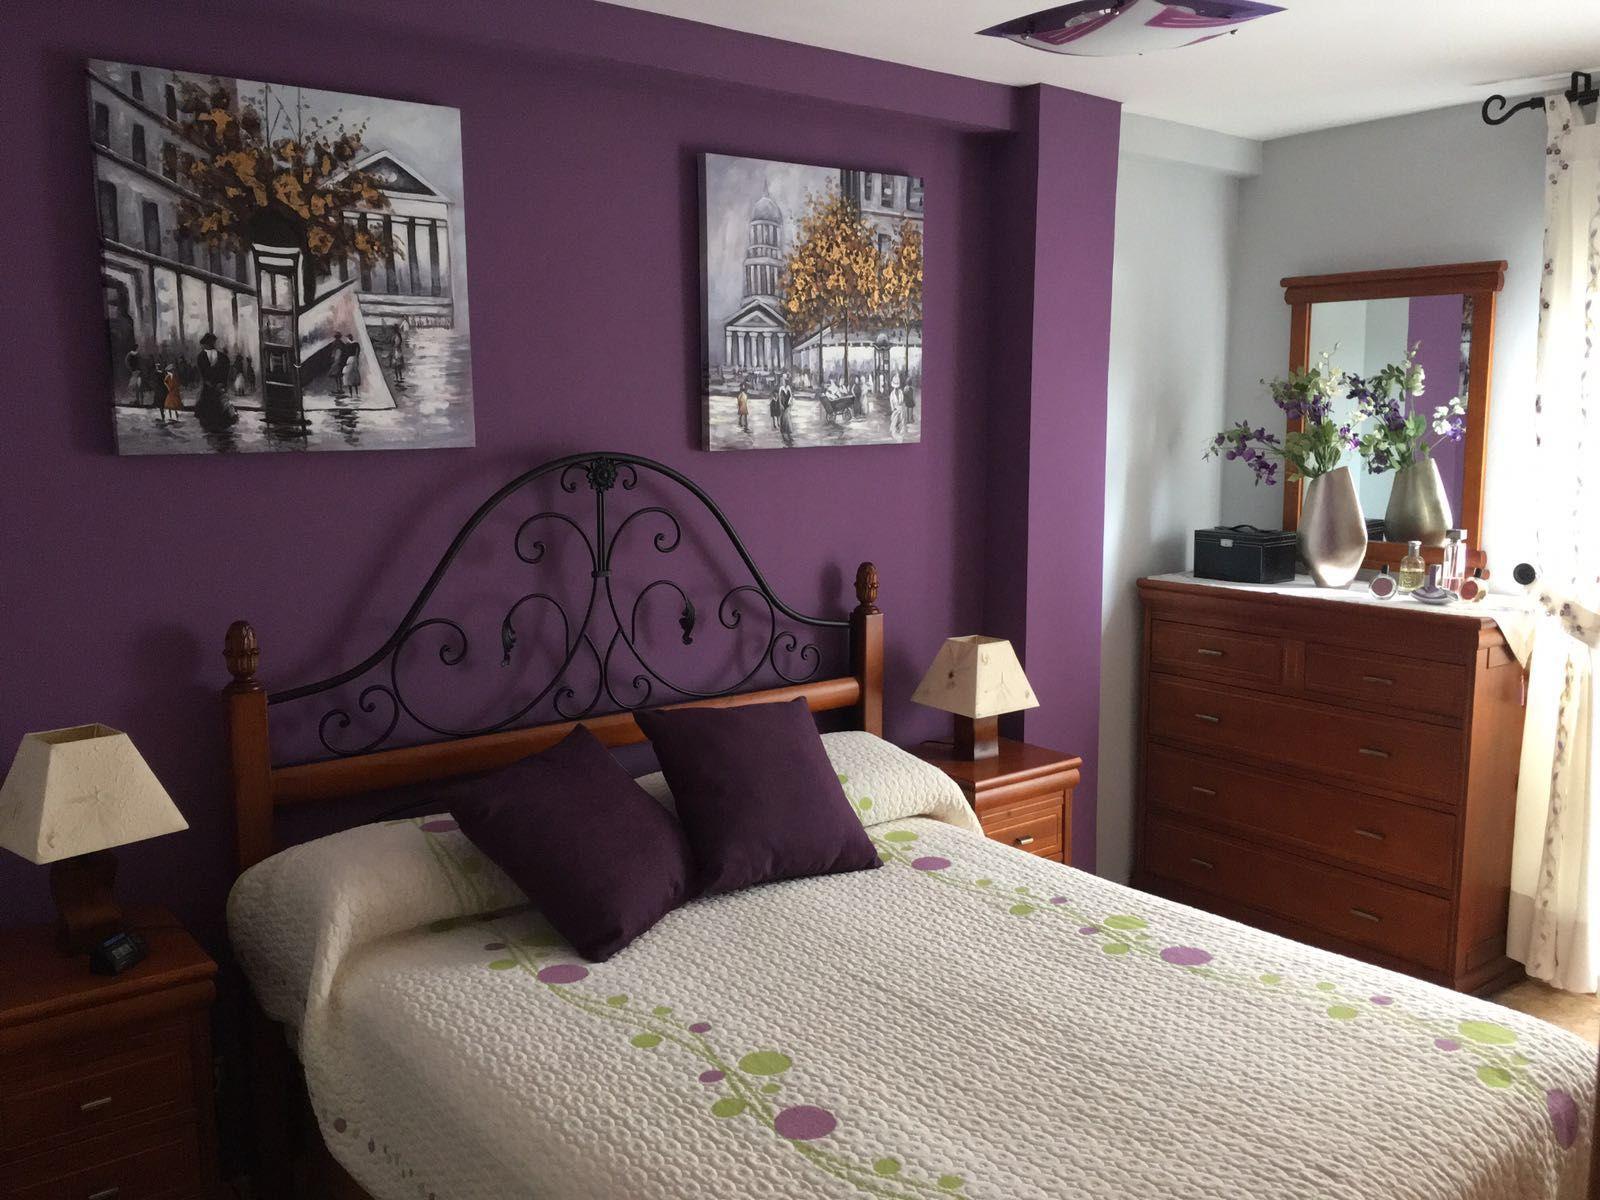 Paredes con color y accesorios neutrales - Cabecero De Dormitorio En Color Berengena Y Resto De Paredes En Color Gris Claro